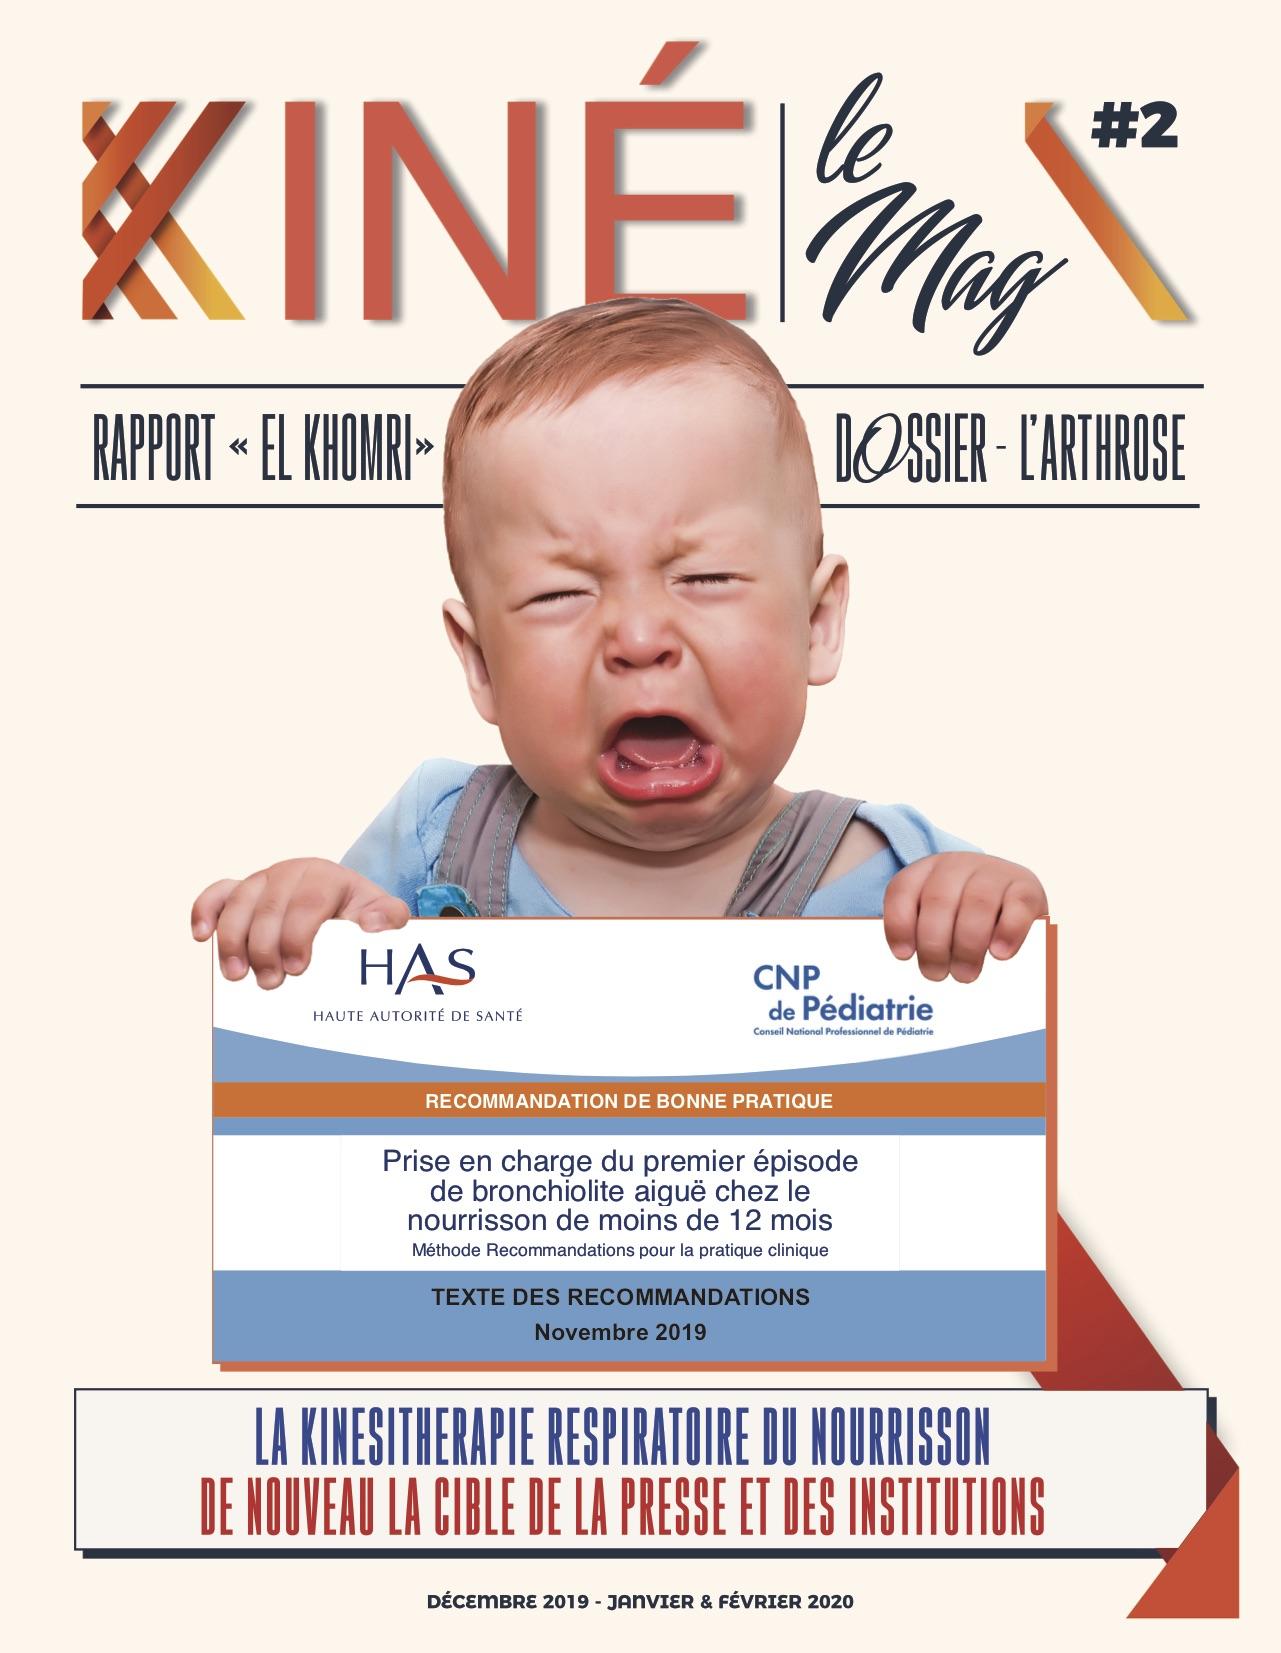 Kiné Le mag #2